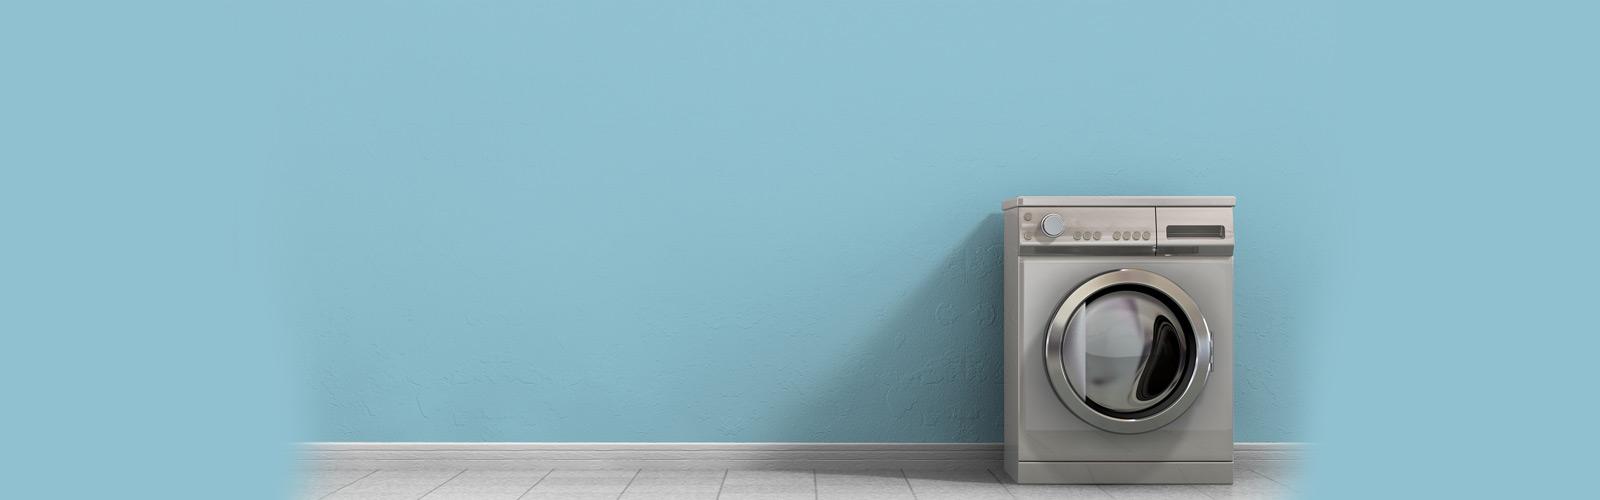 66 millones de libras perdidas en la lavadora